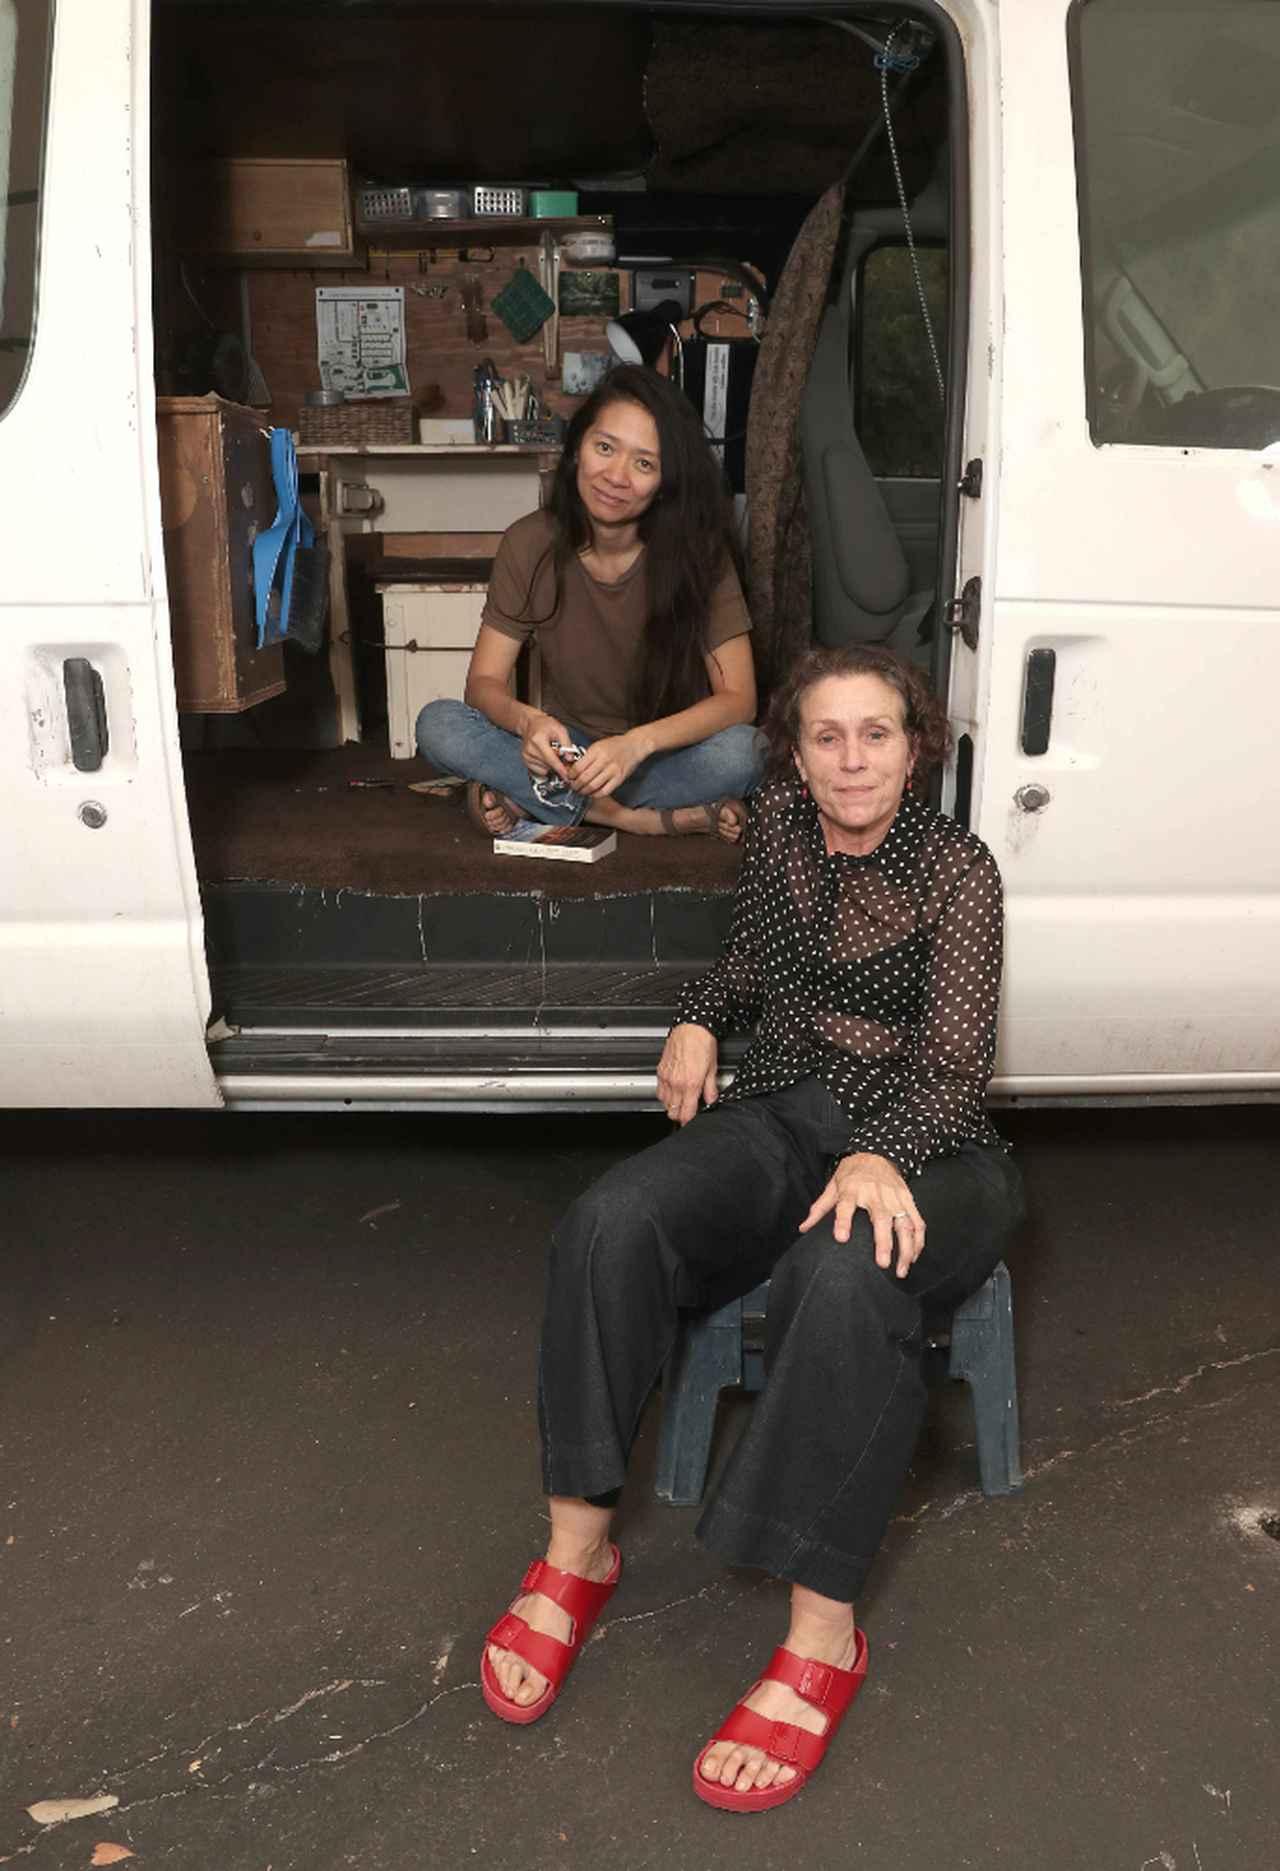 画像: クロエ・ジャオ監督(奥)とフランシス・マクドーマンド(手前)。中国・北京出身のジャオは、北京とイギリスで育った後アメリカに移住。ニューヨーク大学では映像制作を学んだ。次回作はなんとマーベルのヒーロー映画『エターナルズ』で、監督のみならず脚本にも関わっており、製作陣が彼女に寄せる期待の大きさがわかる